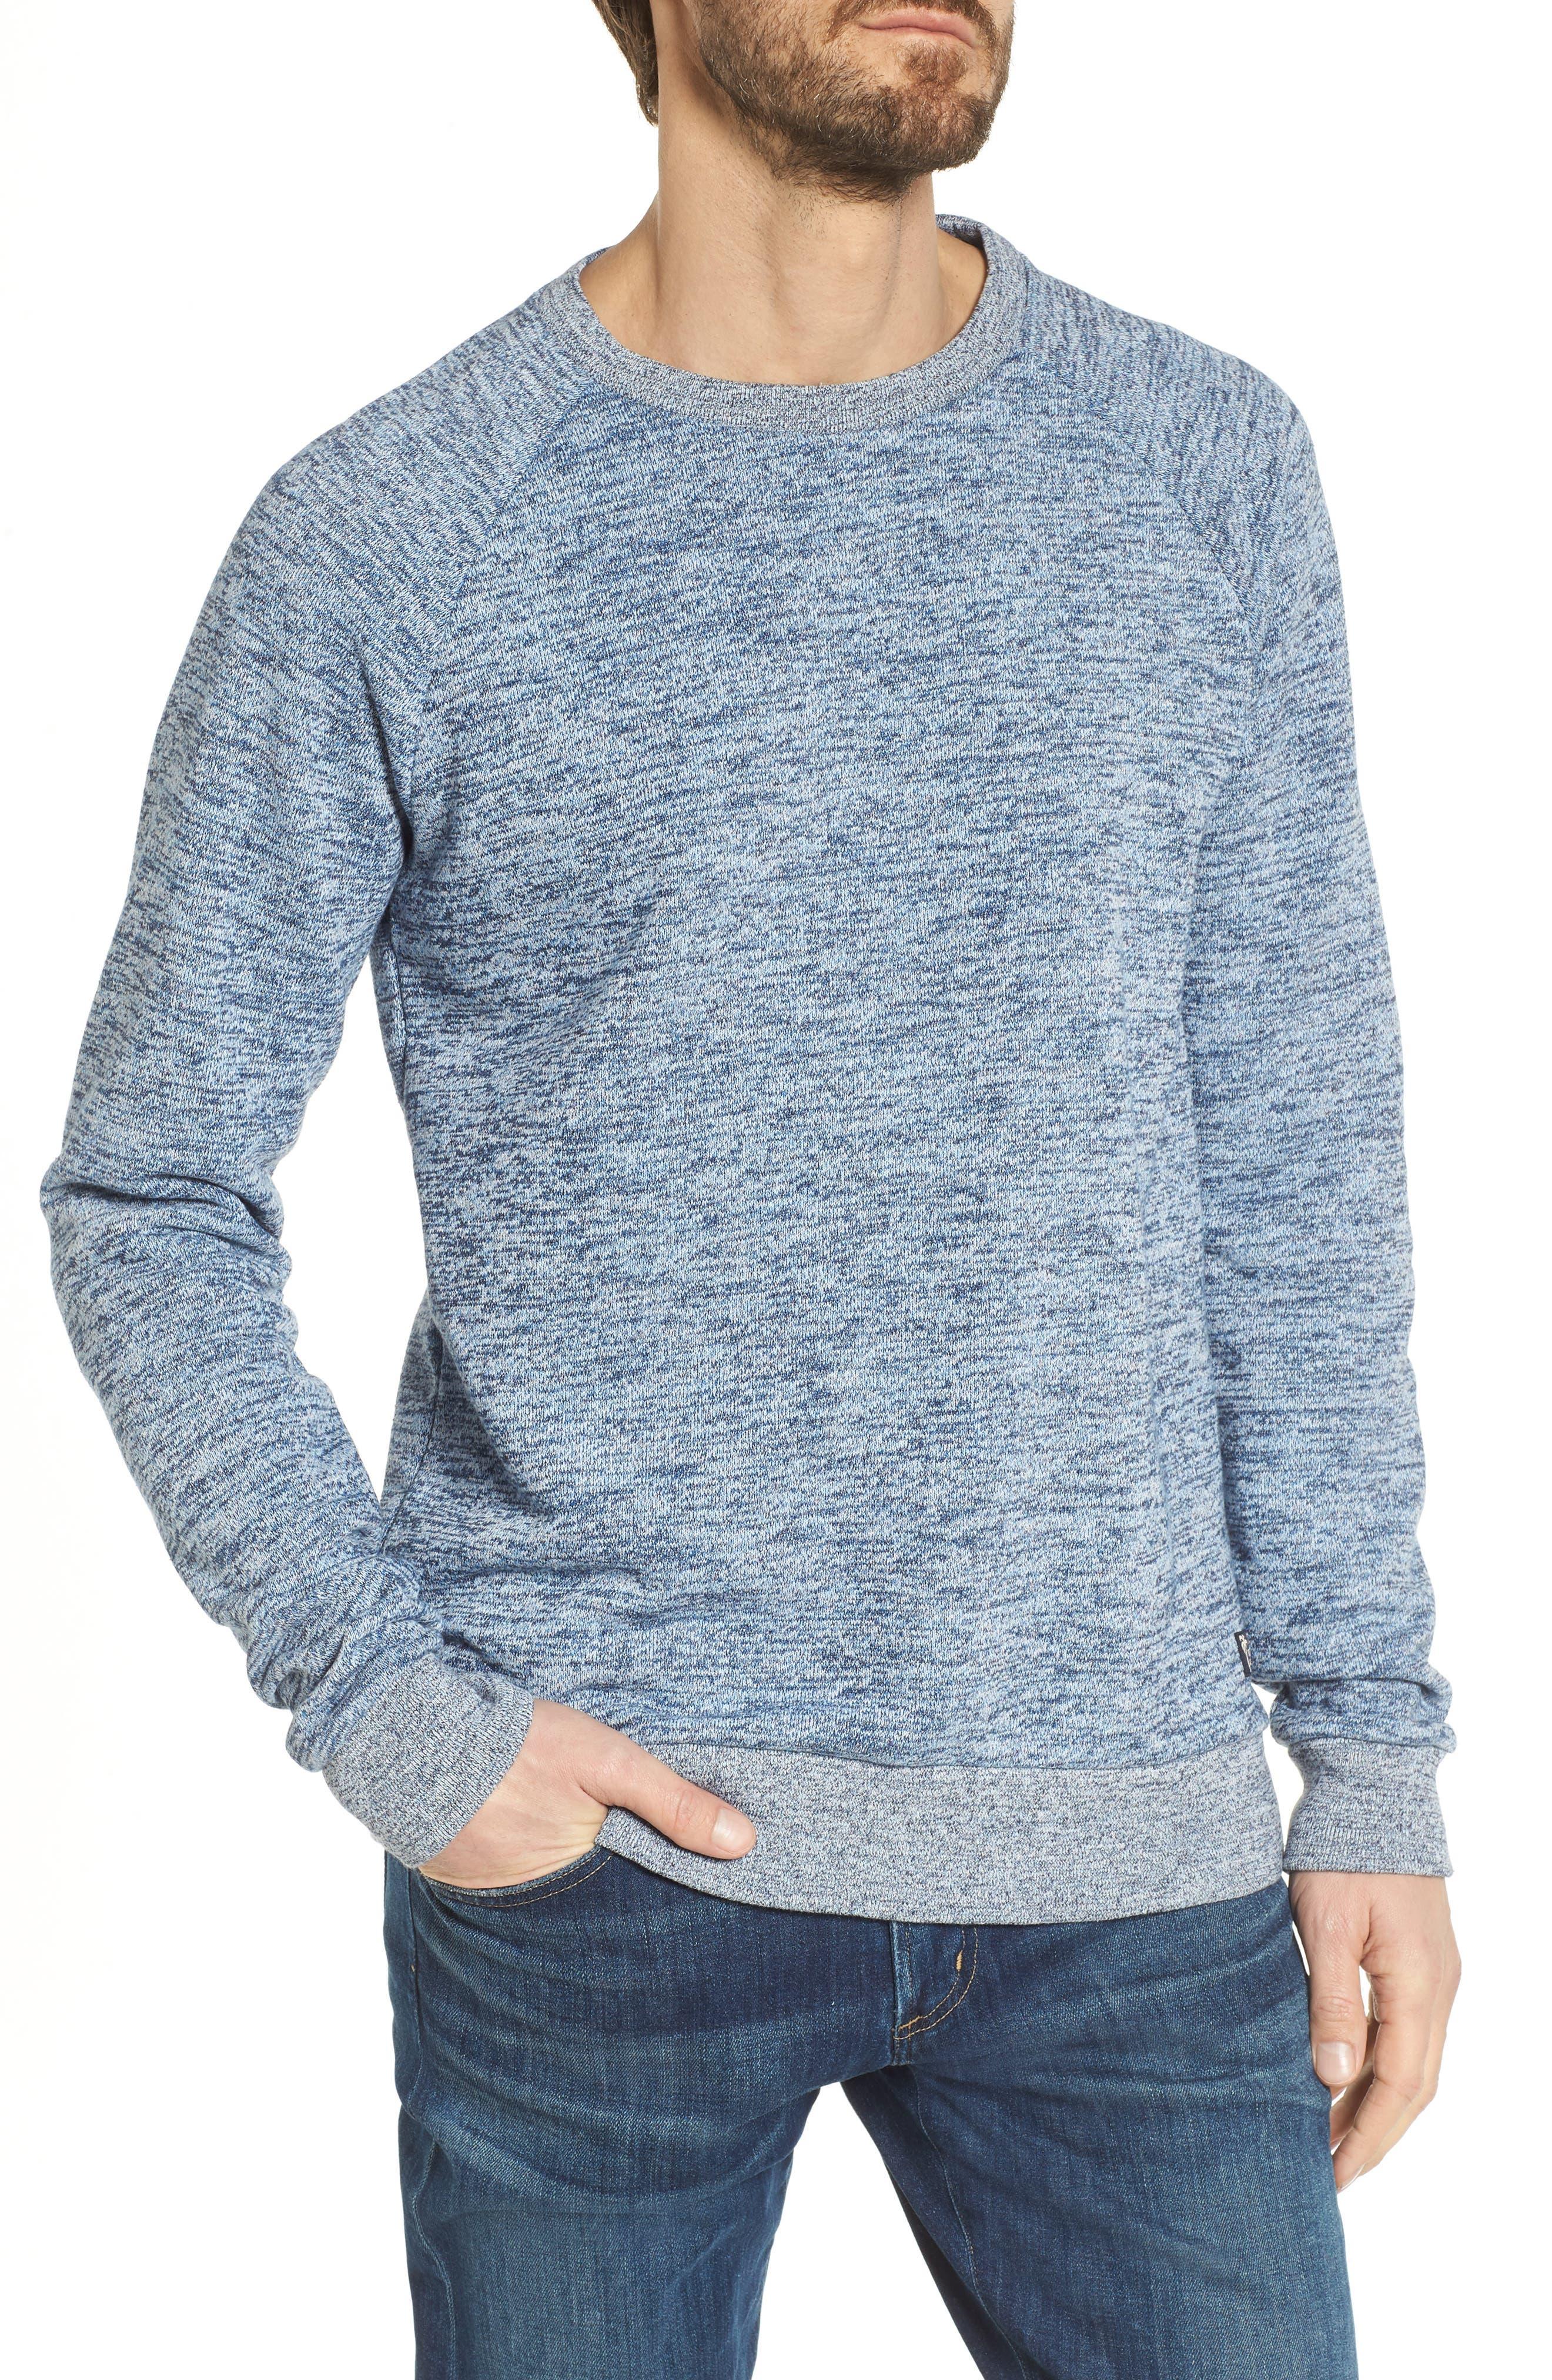 Mélange Sweatshirt,                         Main,                         color, Combo D